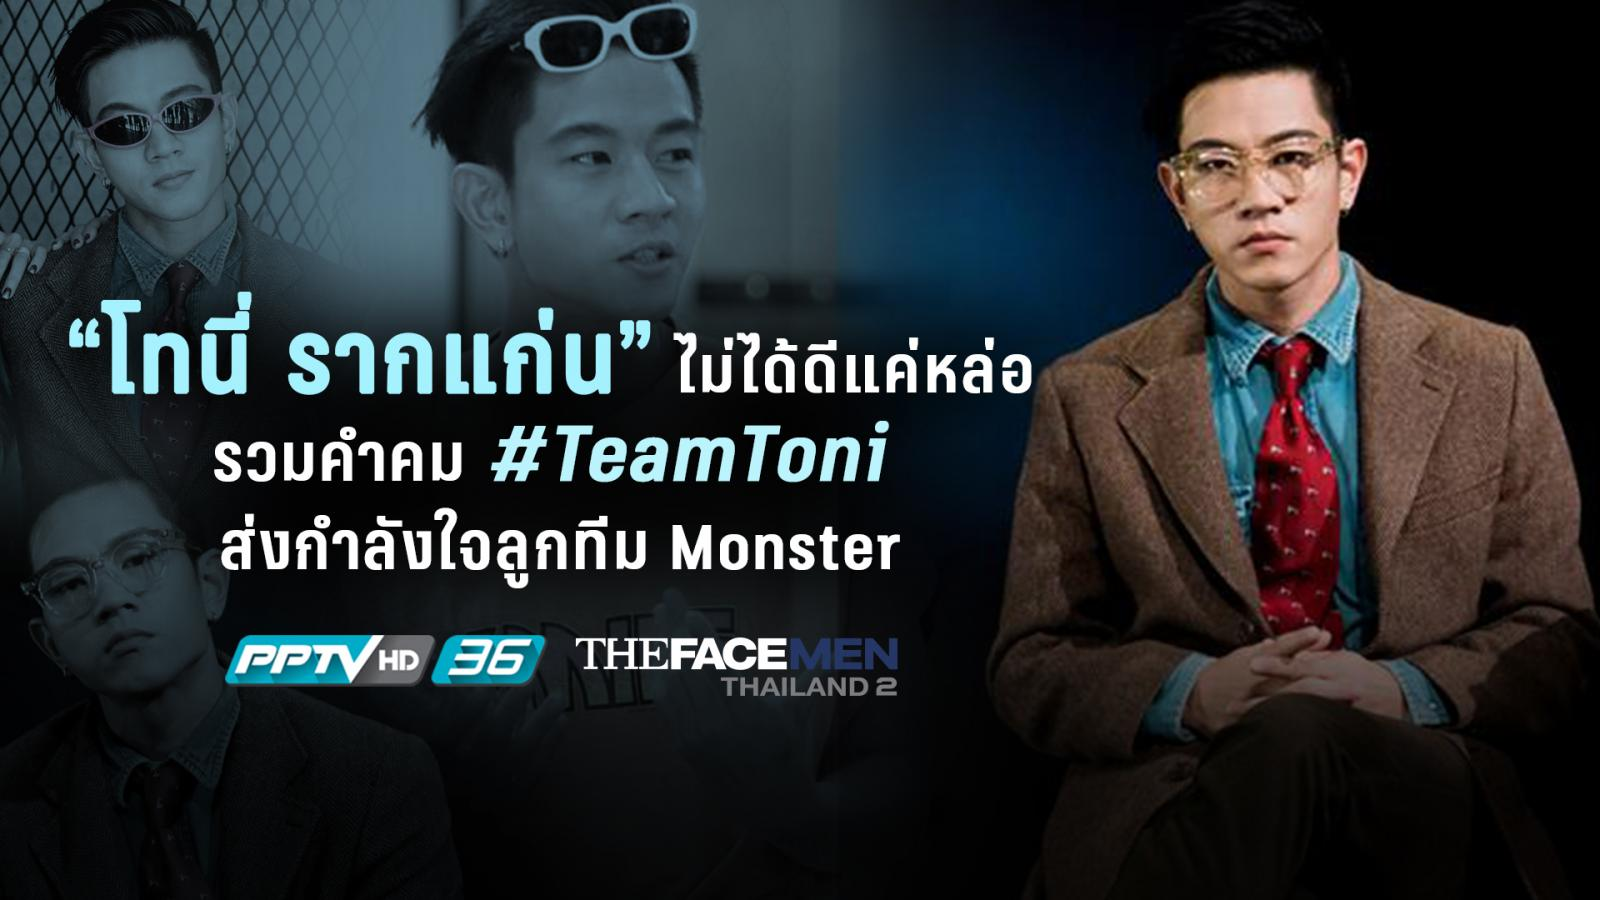 """""""โทนี่ รากแก่น"""" ไม่ได้ดีแค่หล่อ รวมคำคม #TeamToni ส่งกำลังใจลูกทีม Monster"""